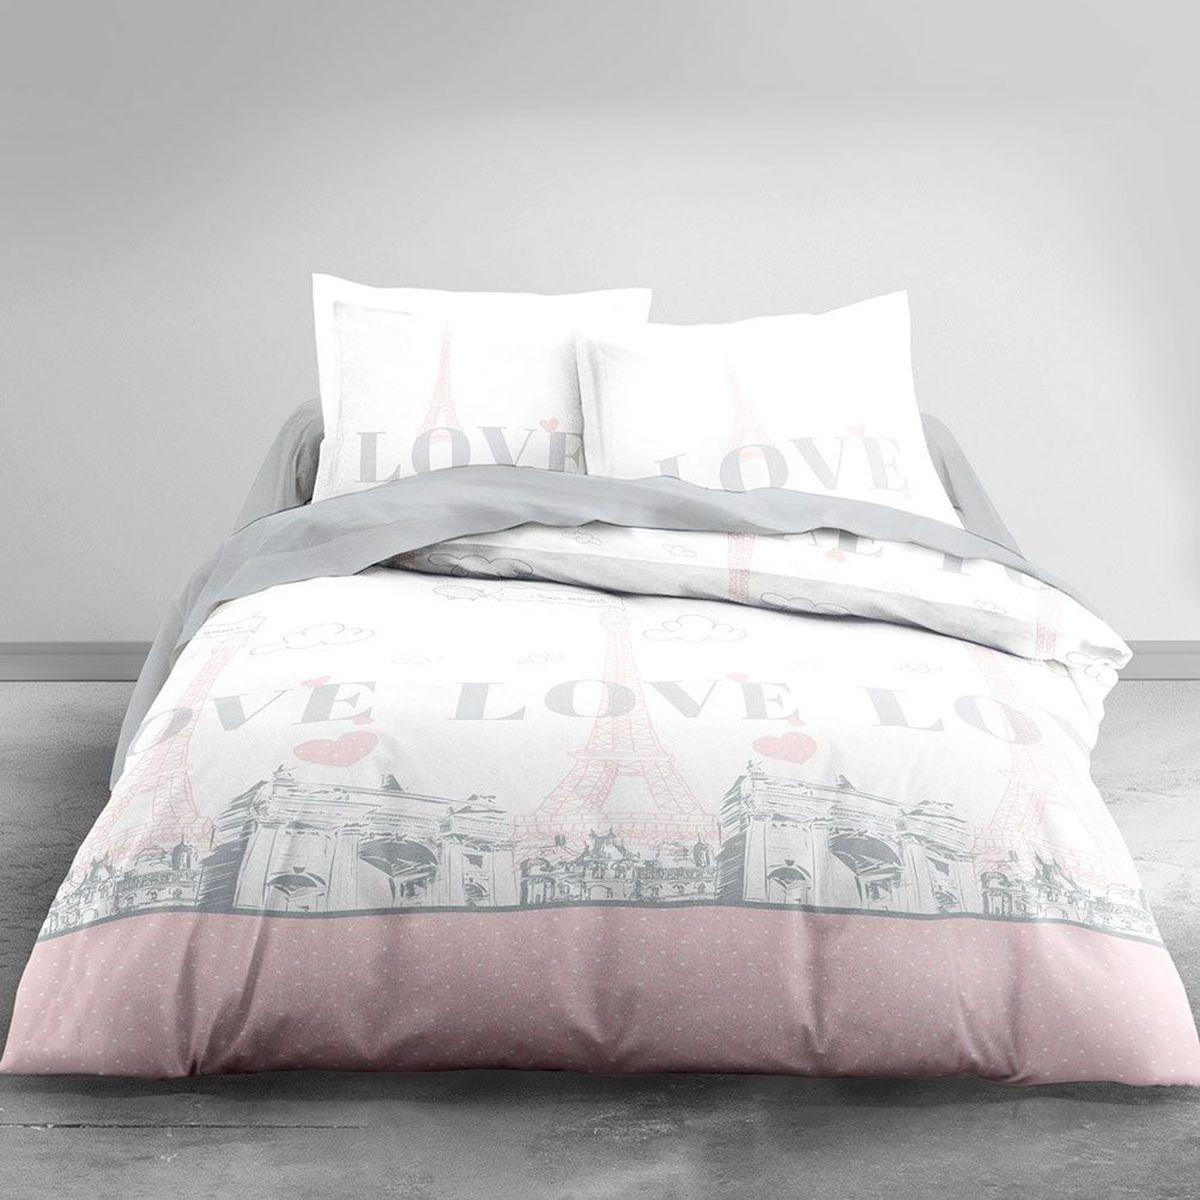 housse de couette paris my love et 2 taies 220 x 240 cm. Black Bedroom Furniture Sets. Home Design Ideas